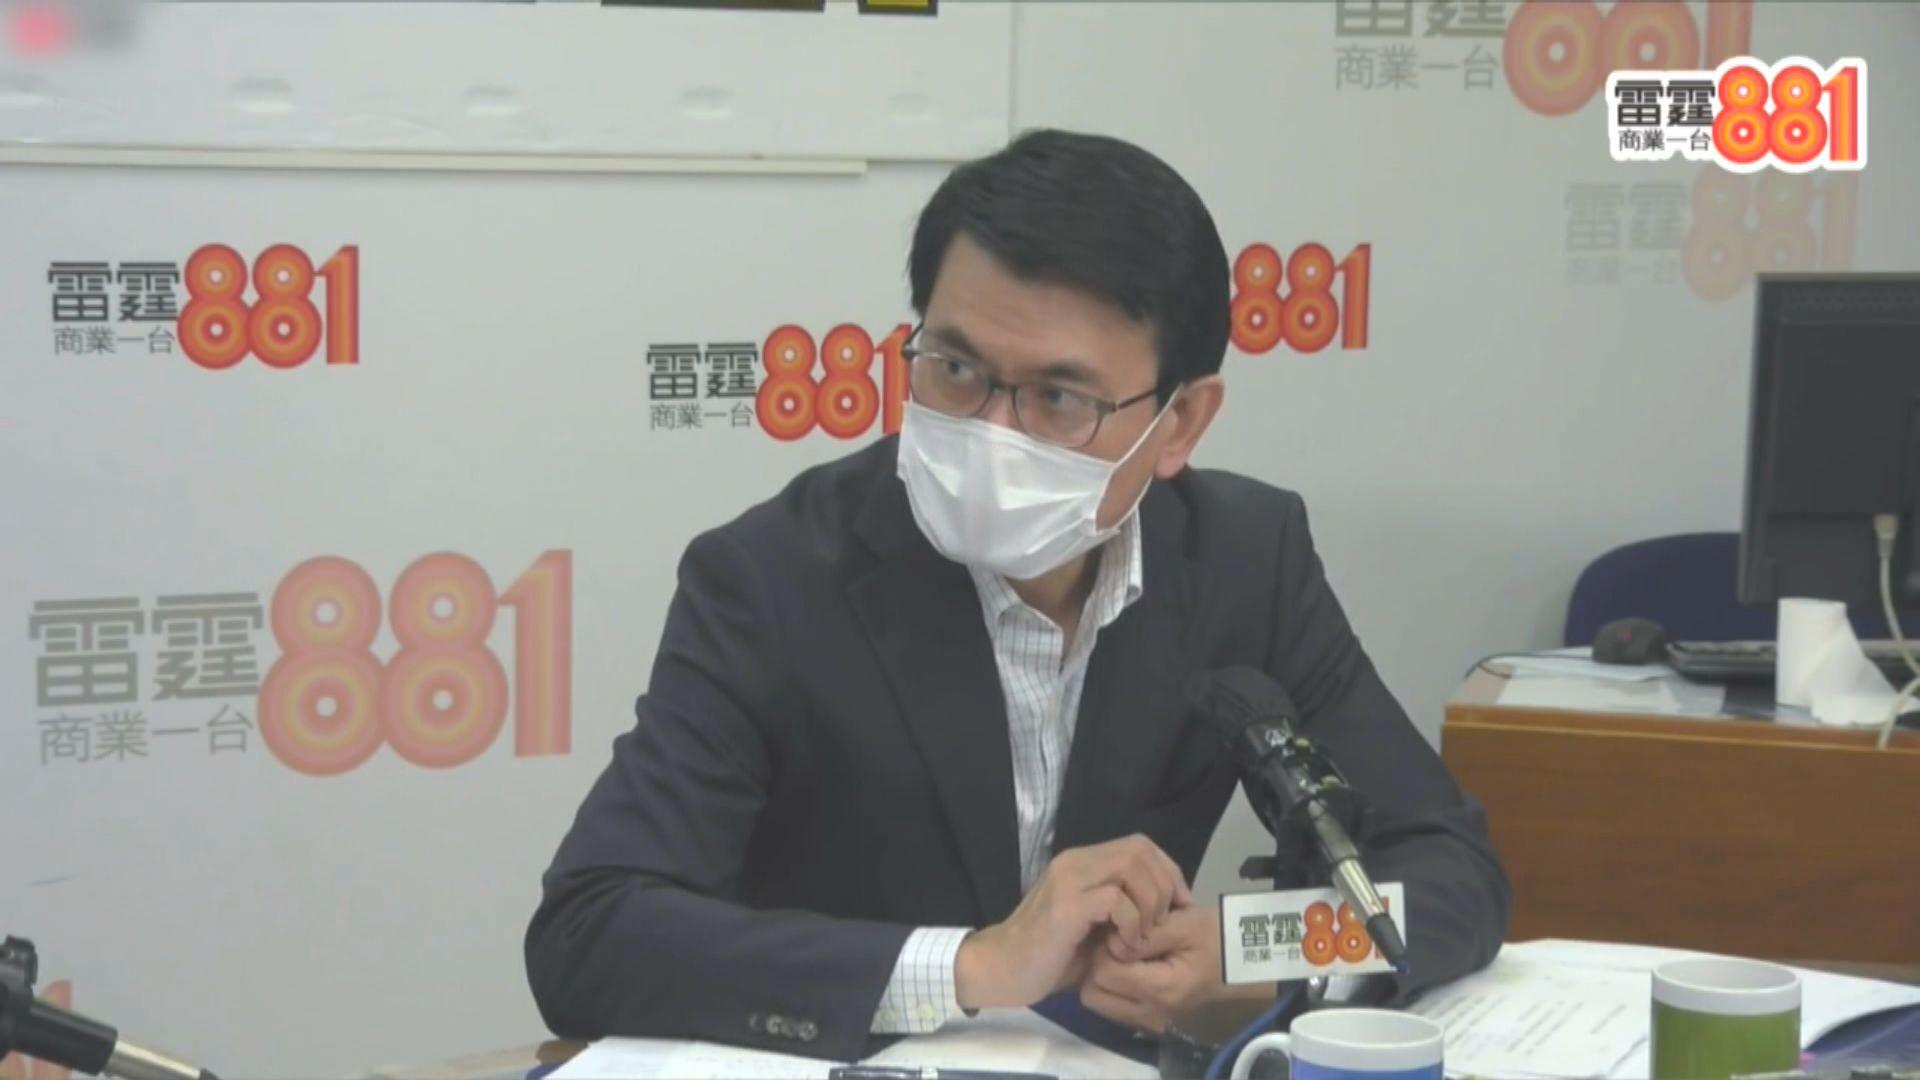 邱騰華:本港今年經濟有增長但仍有隱憂